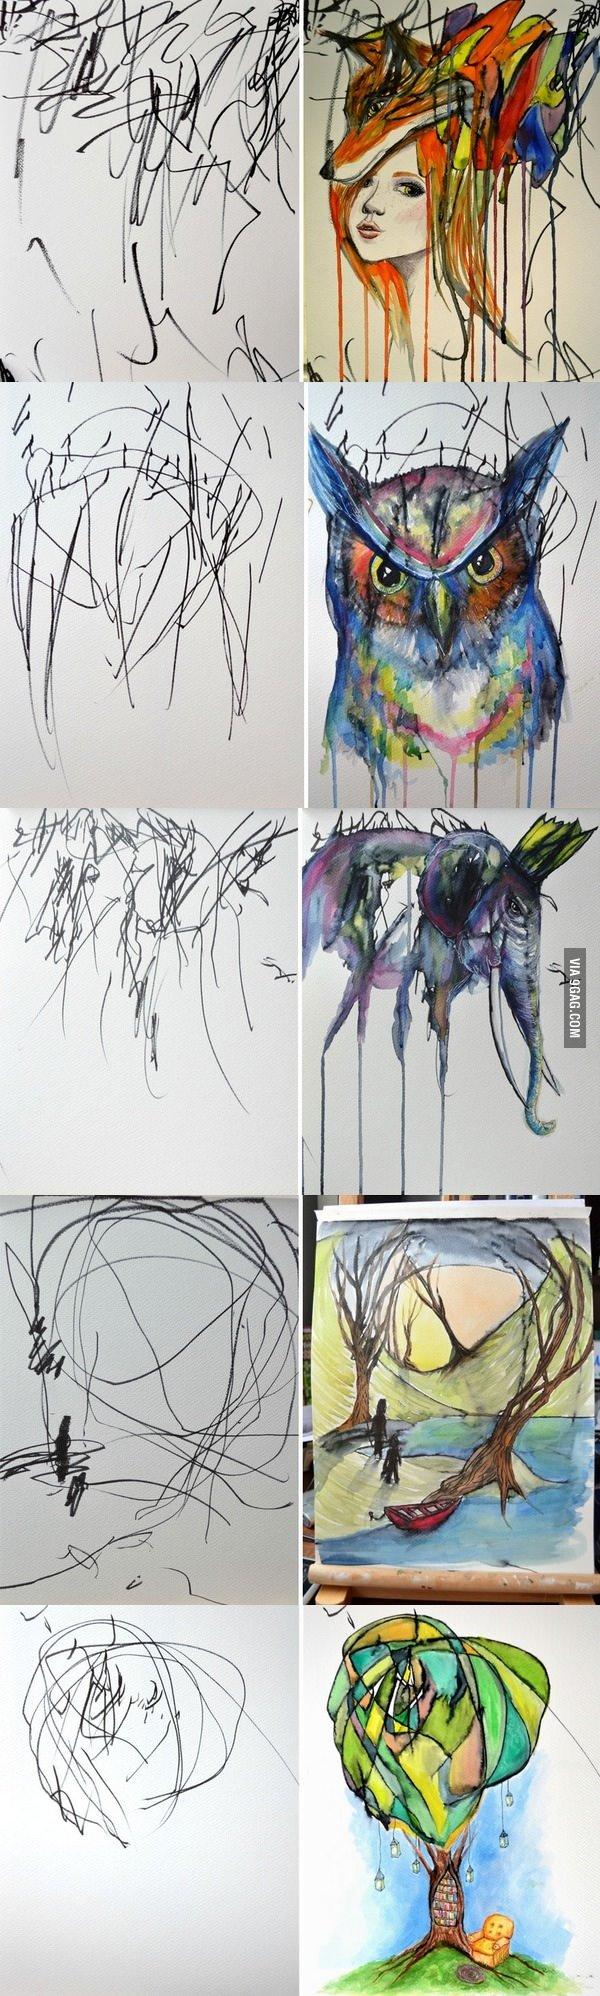 رسام يحول - خربشات - ابنته الى لوحات فنية